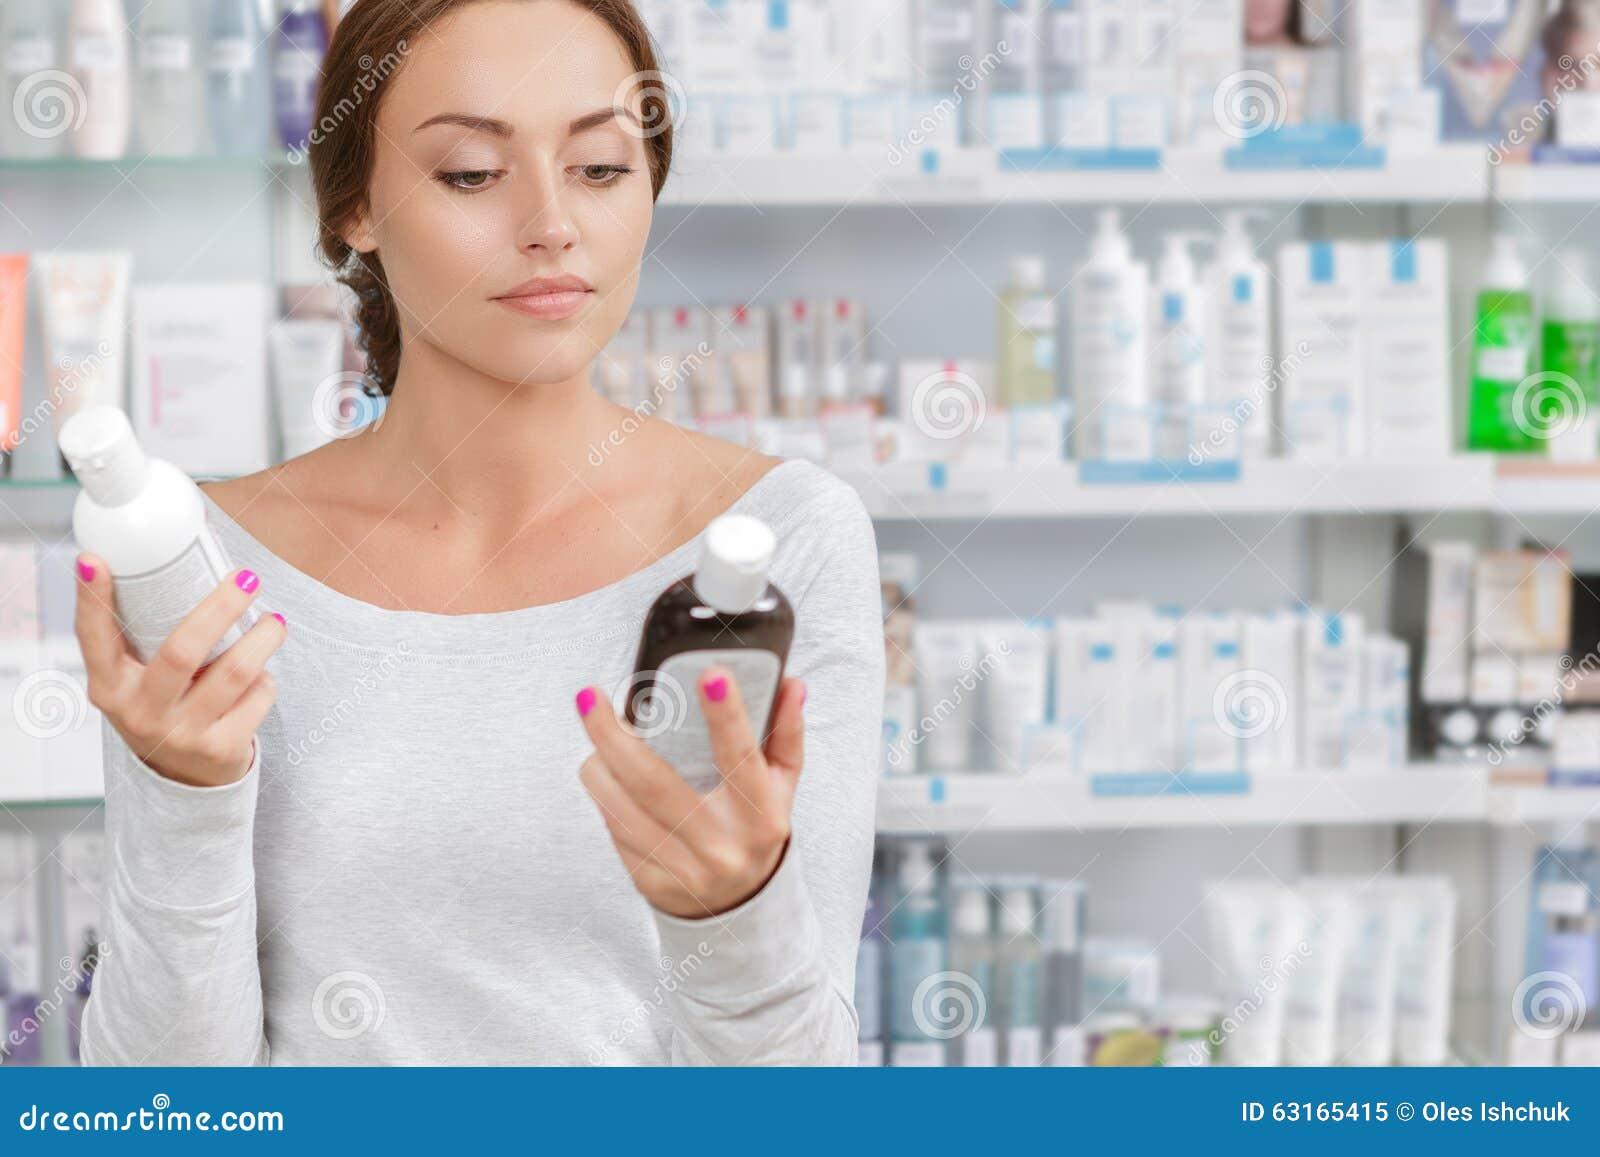 Το κορίτσι δεν μπορεί να αποφασίσει τι για να αγοράσει μέσα το φαρμακείο